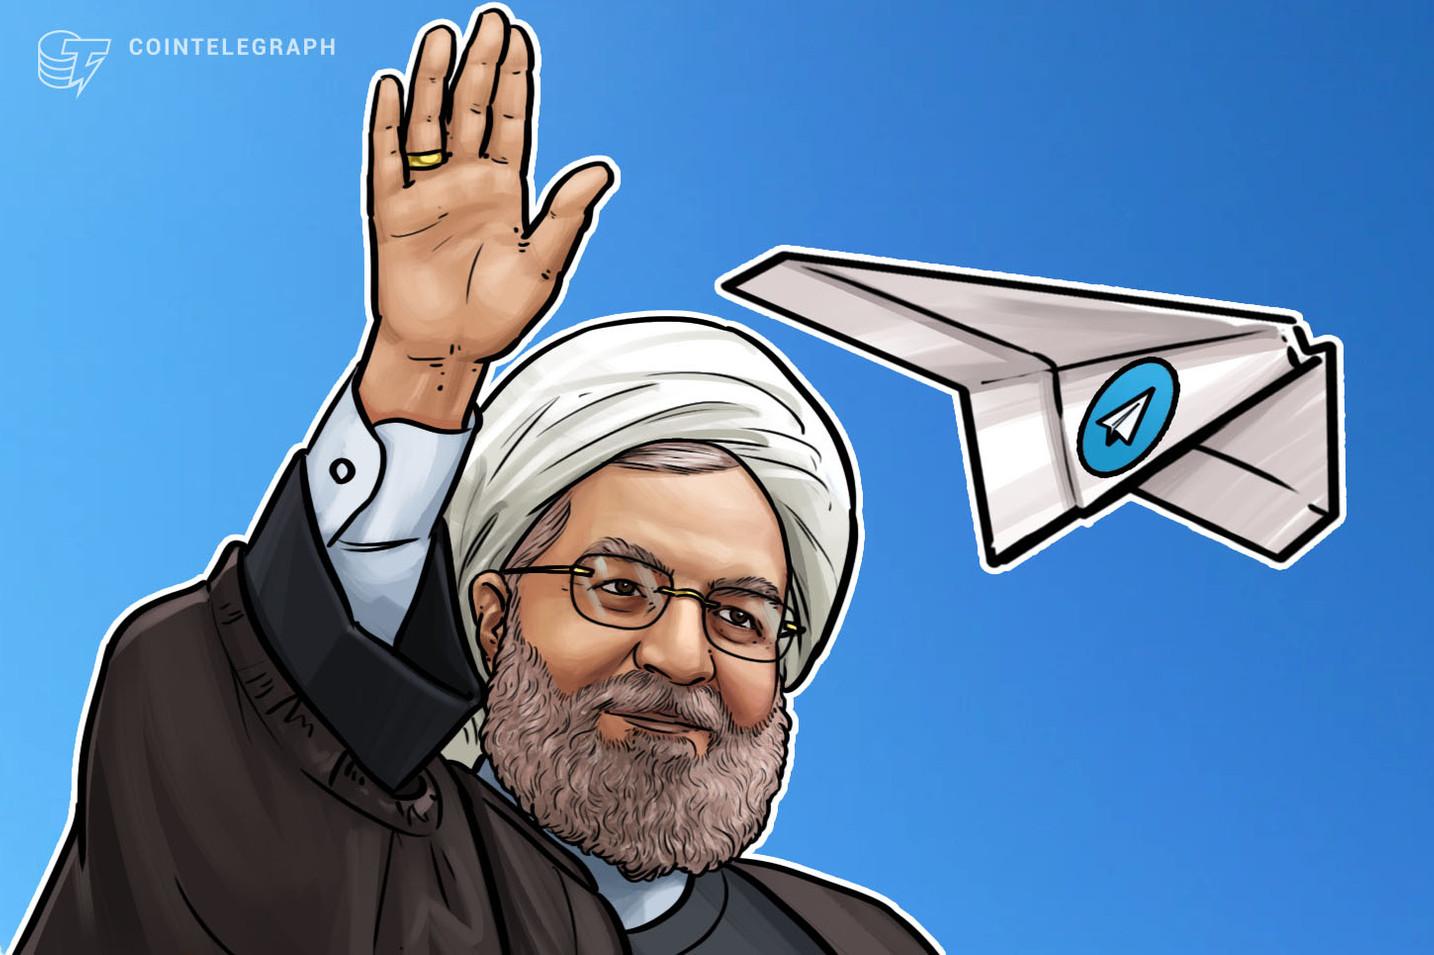 Ente iraniano: la criptovaluta di Telegram minaccia la moneta nazionale